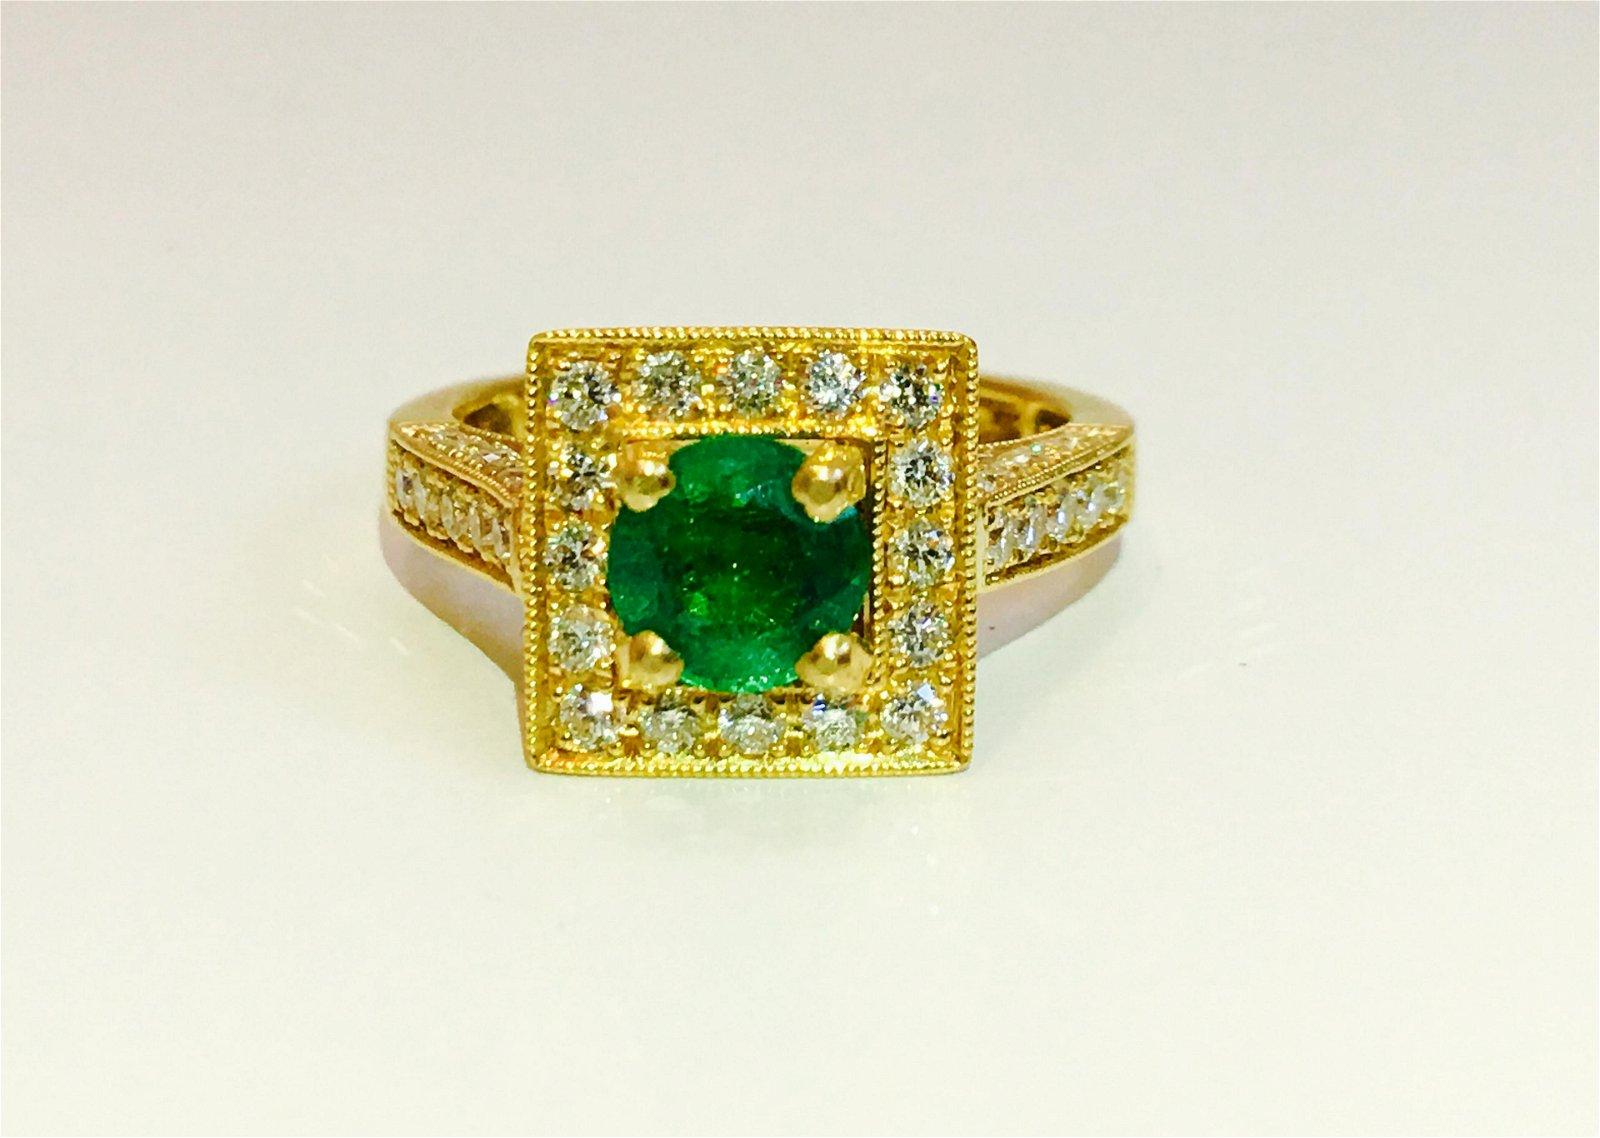 3.00 carat Emerald & Diamond Ring in 18K. Vintage Ring